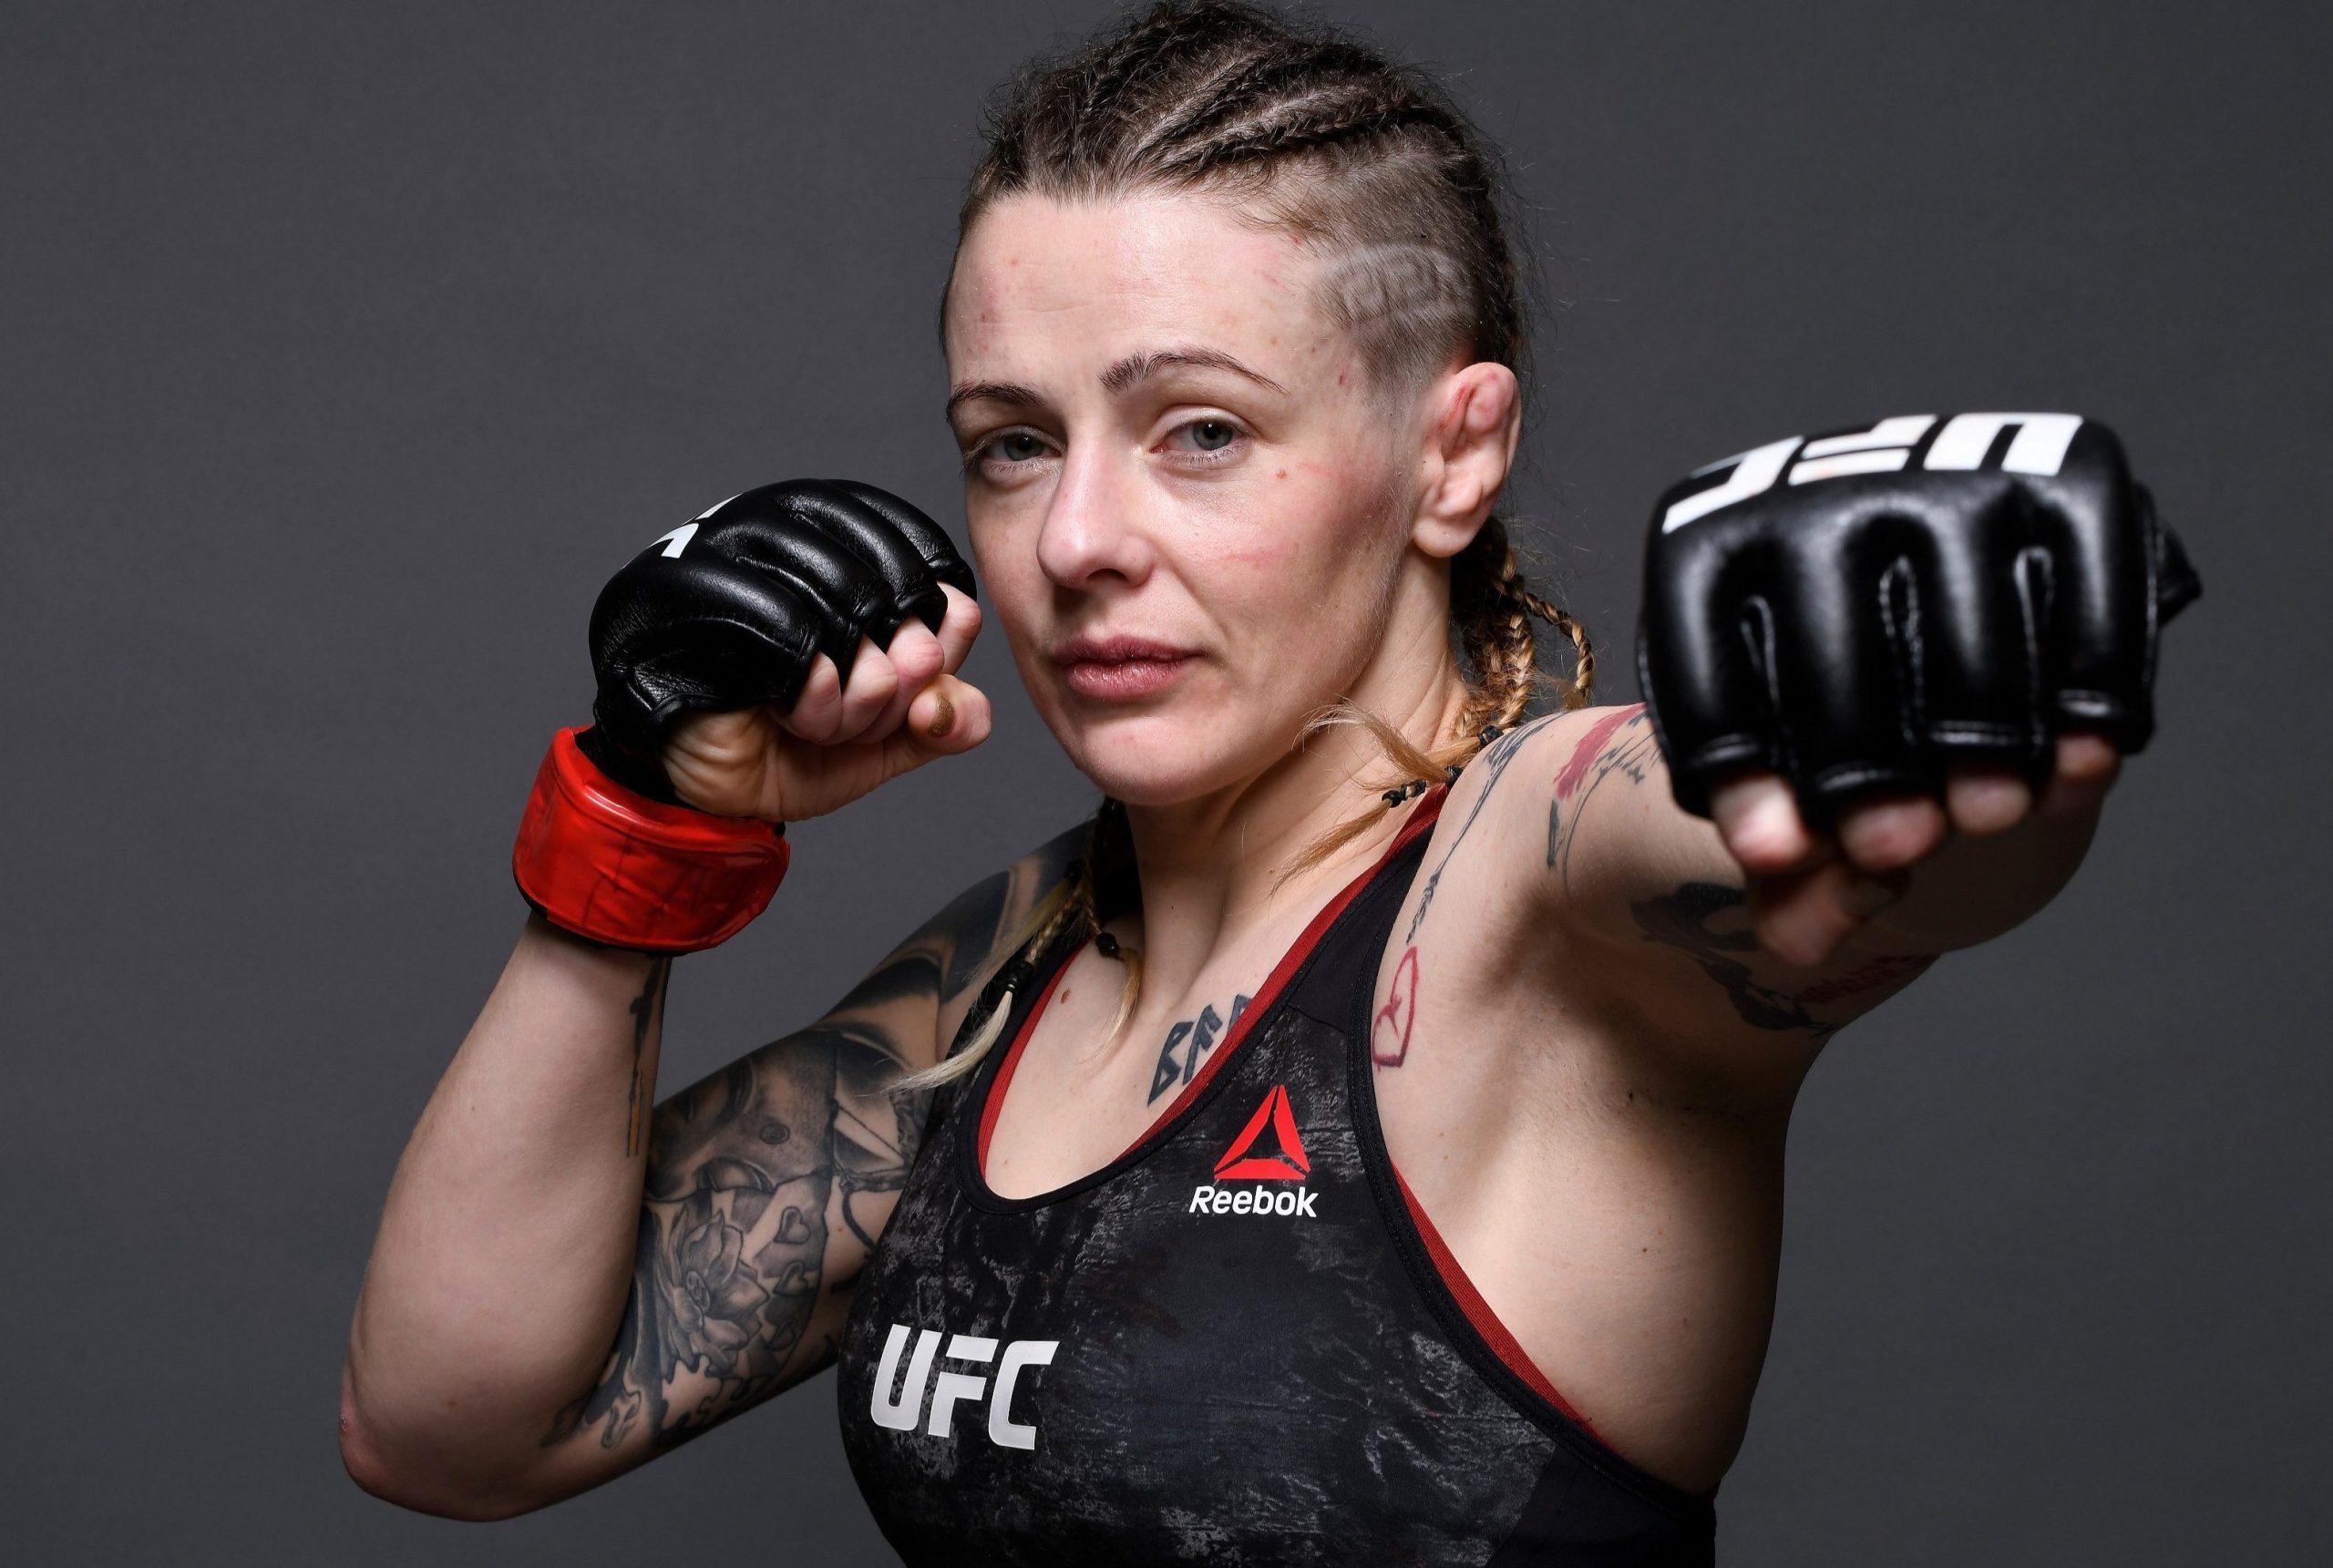 Джоанн Калдервуд упала в обморок после боя с Дженнифер Майа на UFC Vegas 5. Ее госпитализировали